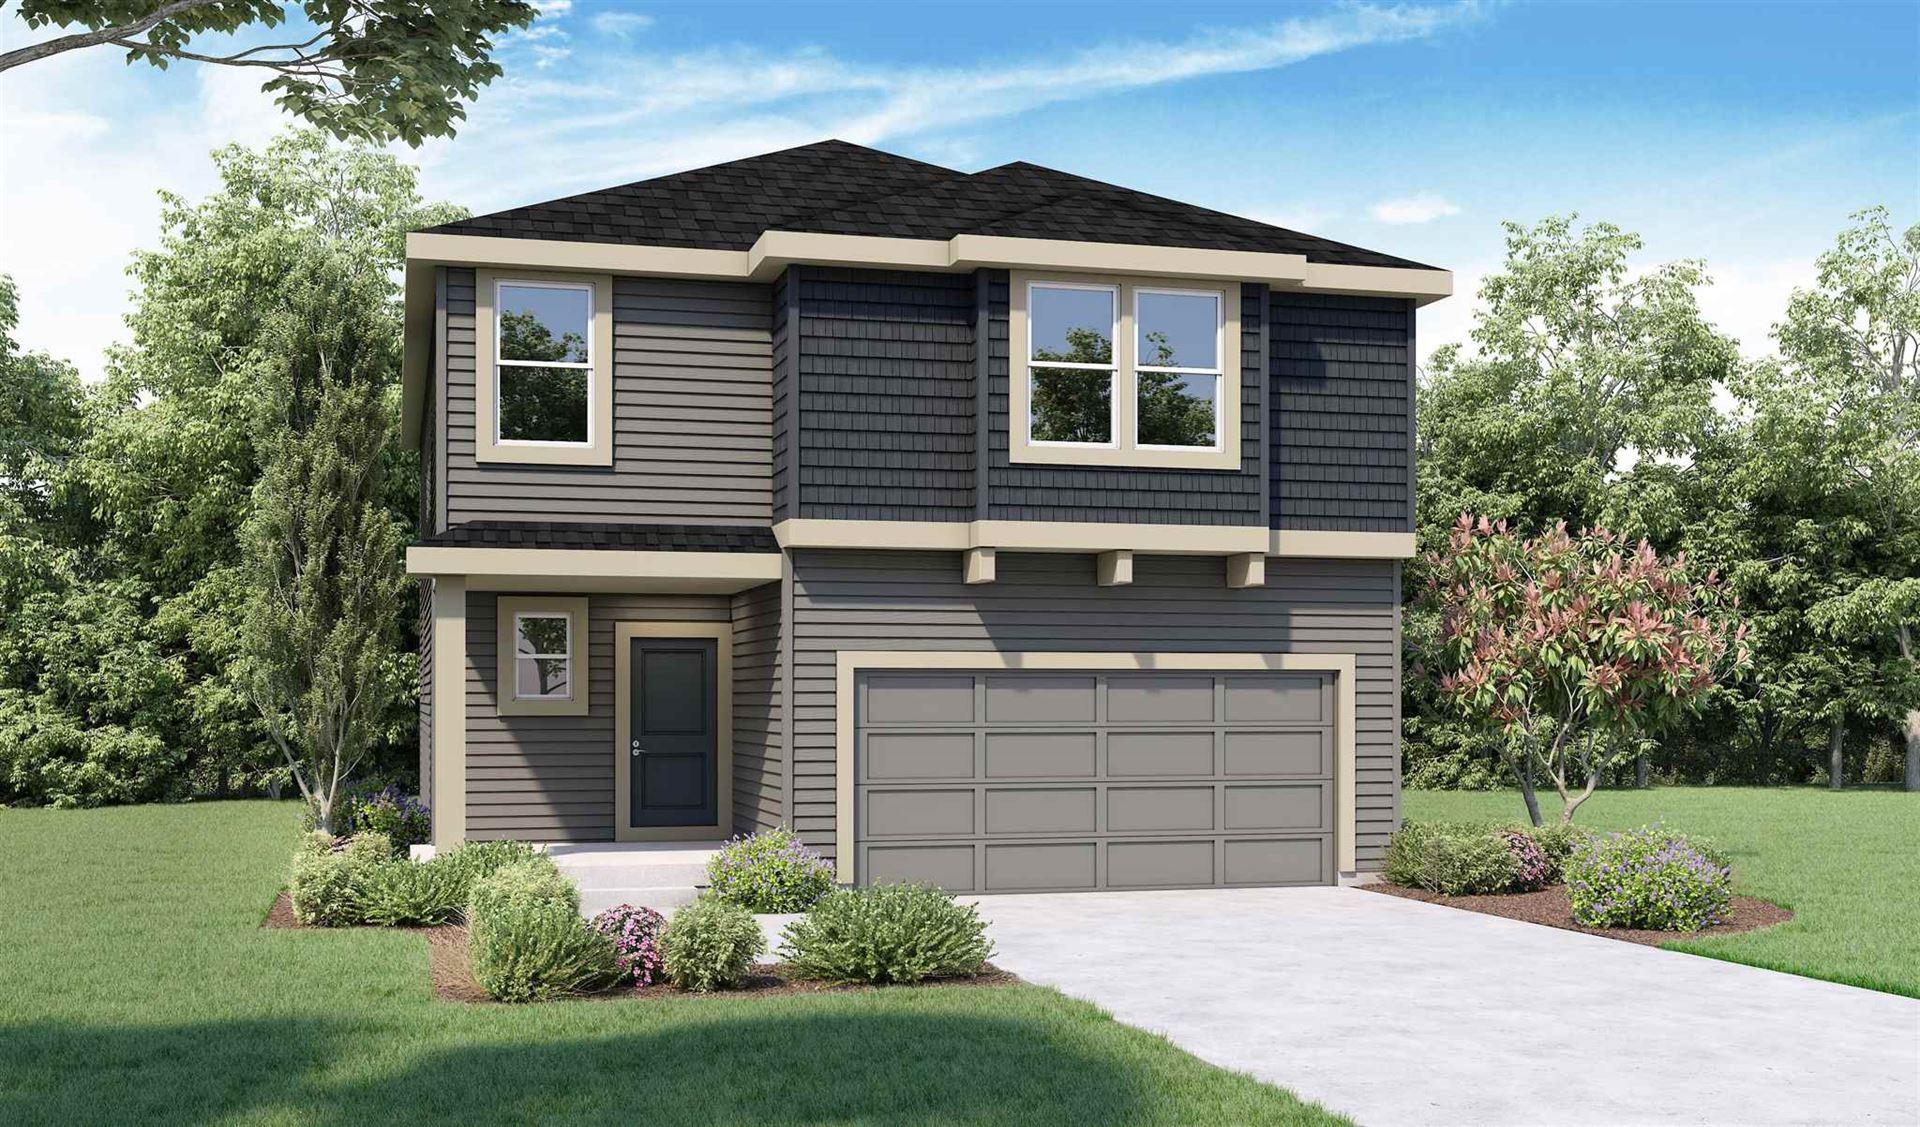 5810 W Morgantown Ln, Spokane, WA 99208 - #: 202124015